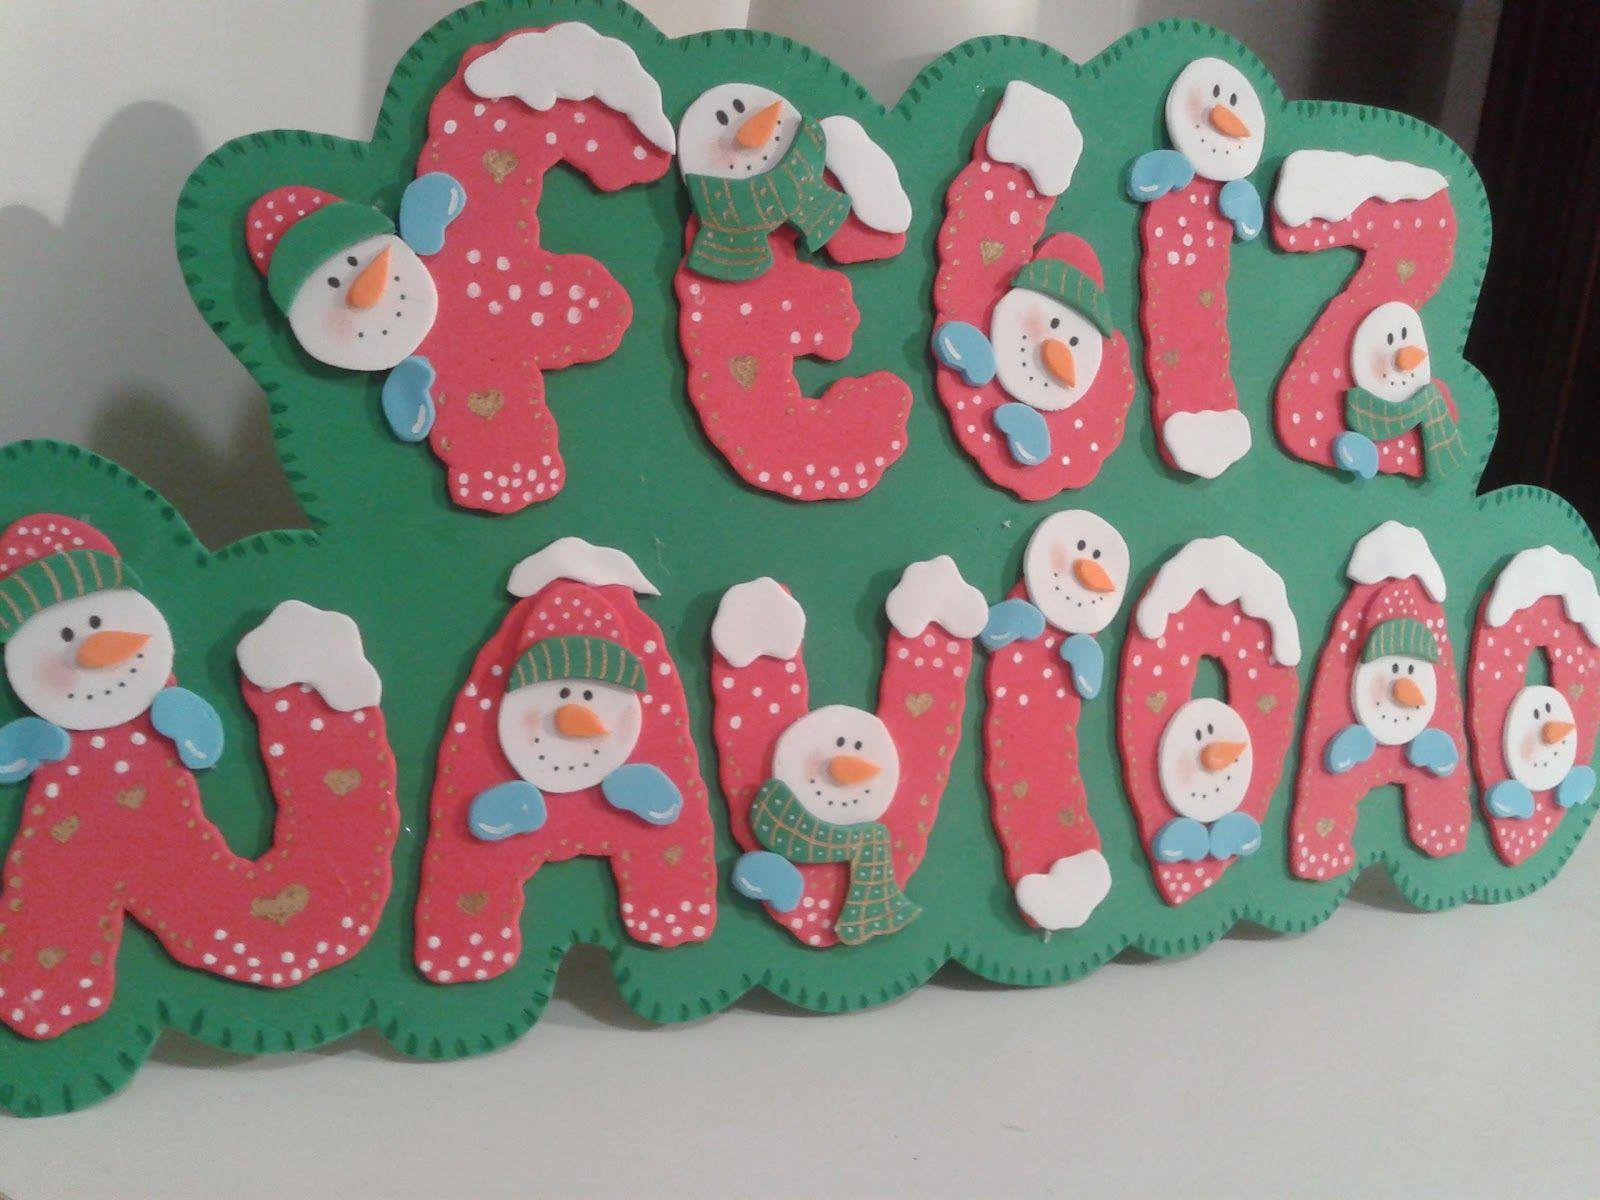 Alfileres De Boda Martos Cartel Goma Eva Feliz Navidad Letras Feliz Navidad Manualidades Navidad Goma Eva Goma Eva Navidad